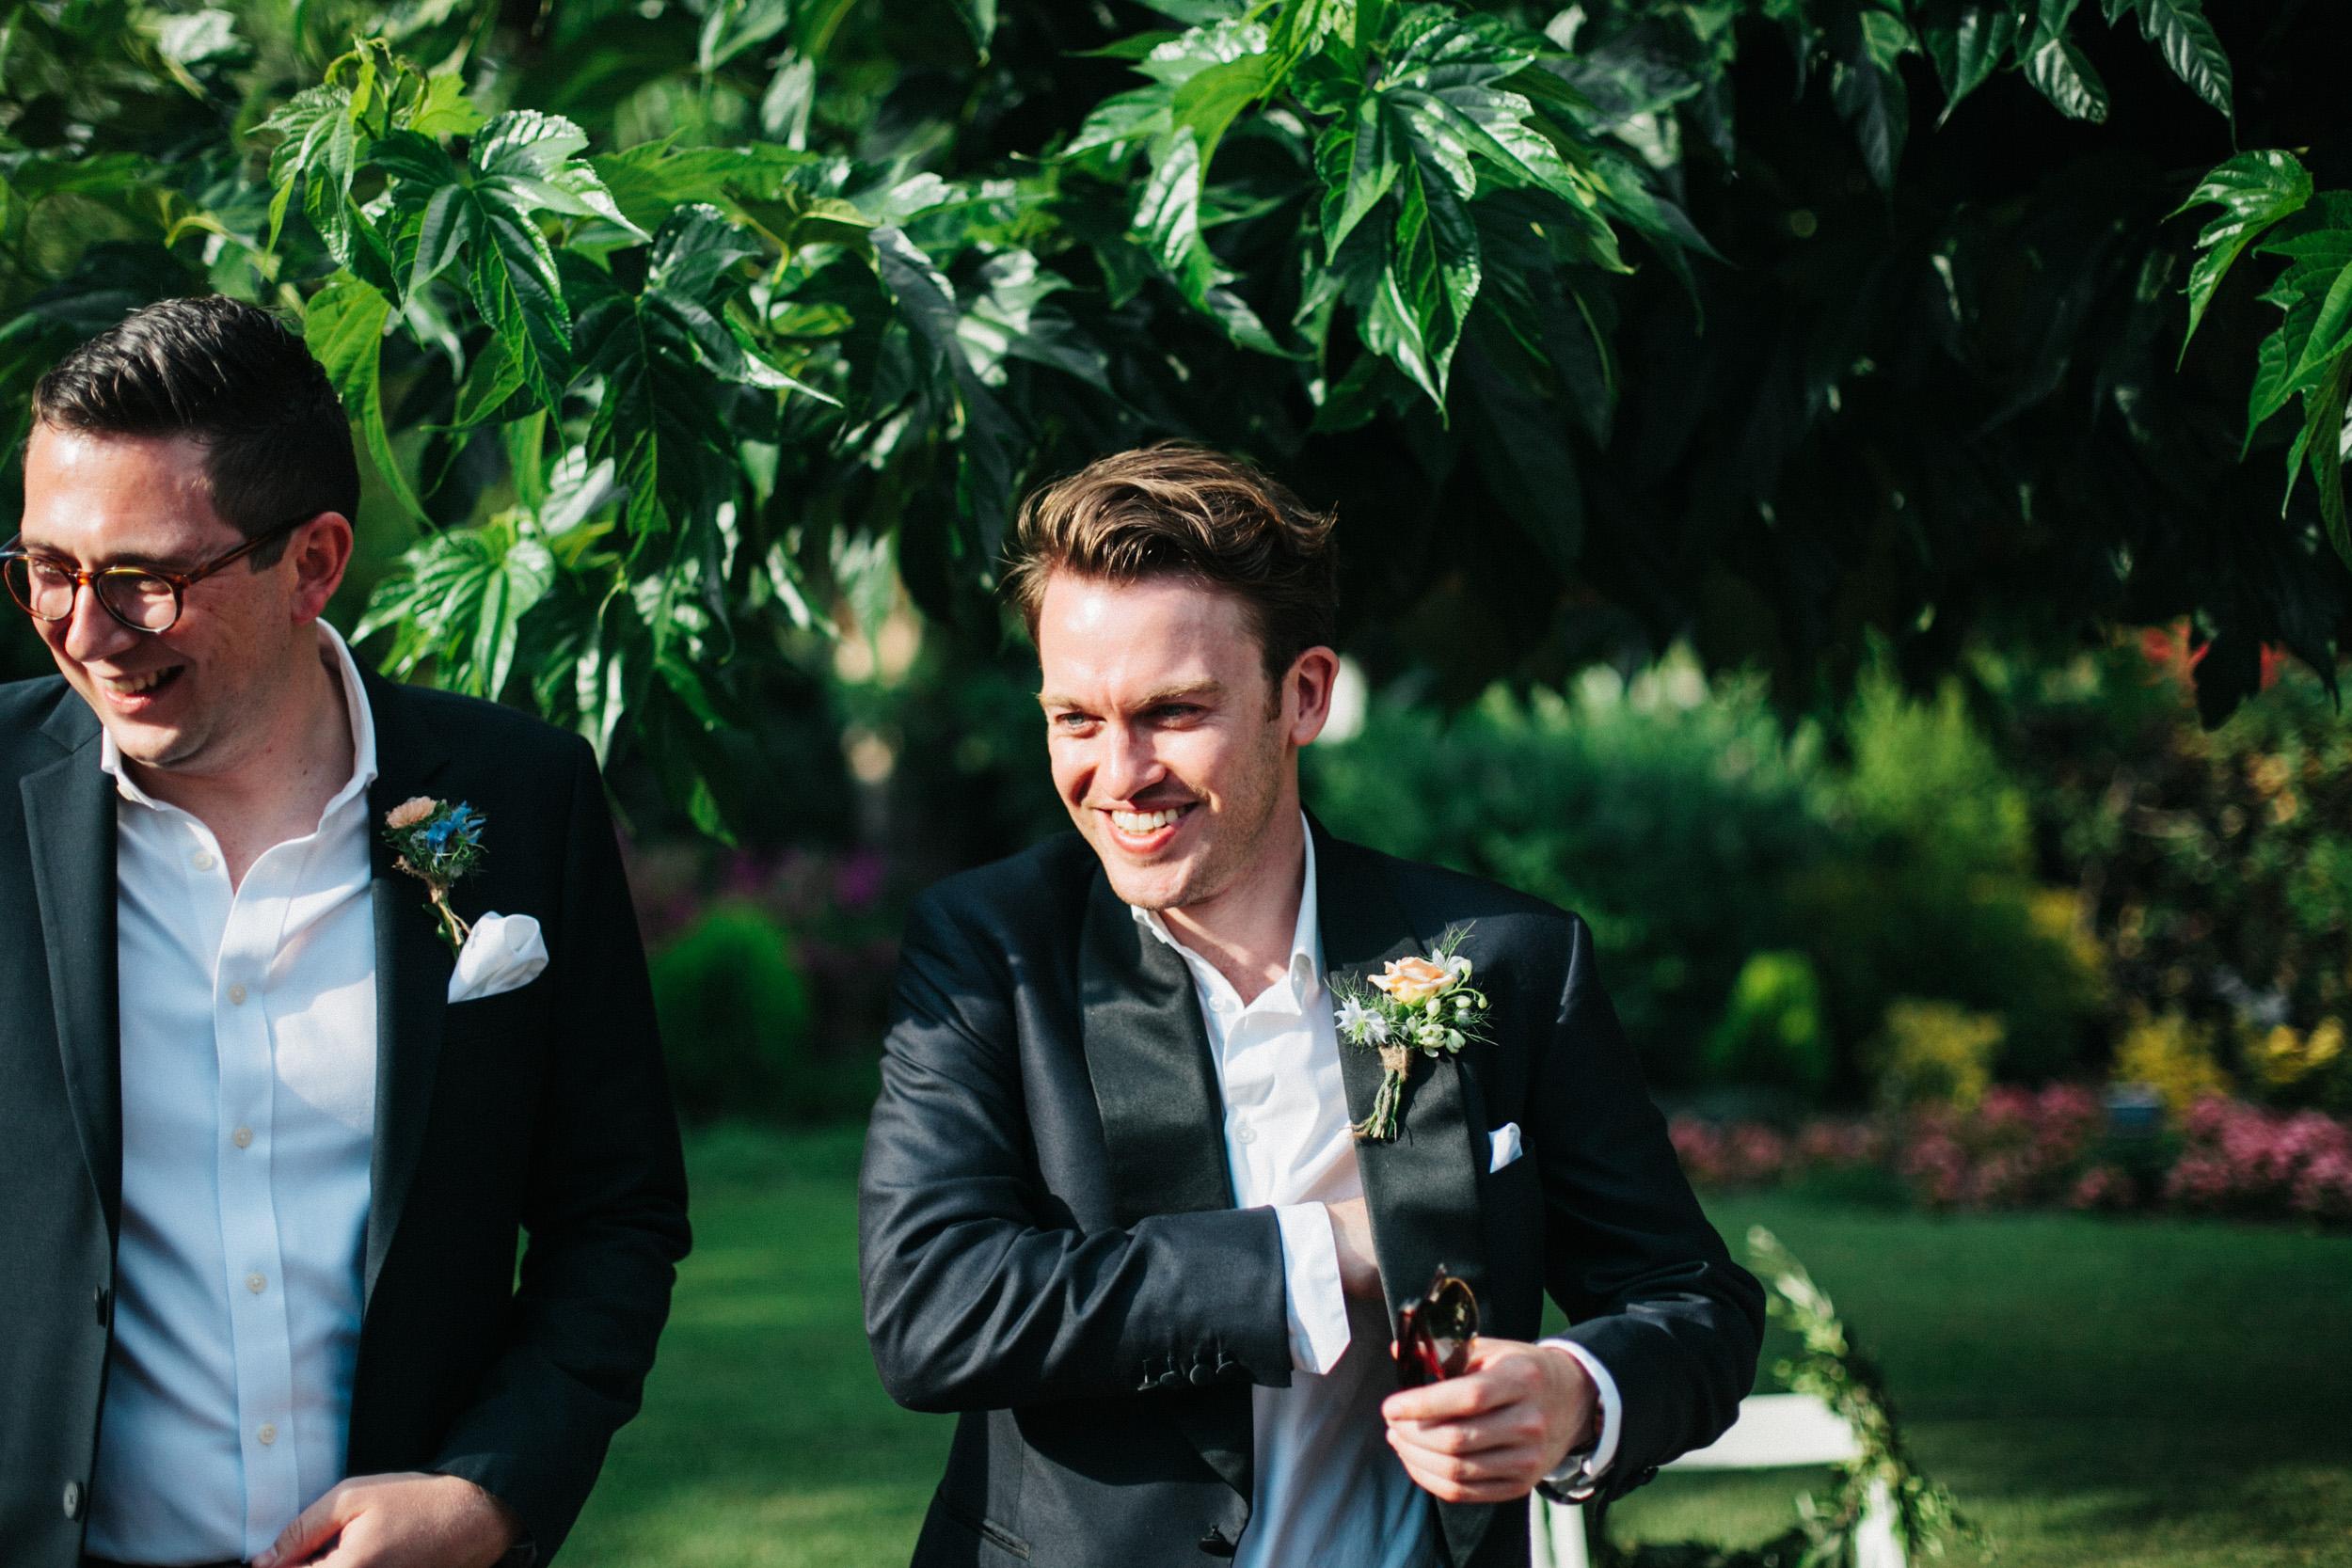 fotografos_boda_wedding_barcelona_valencia064.jpg